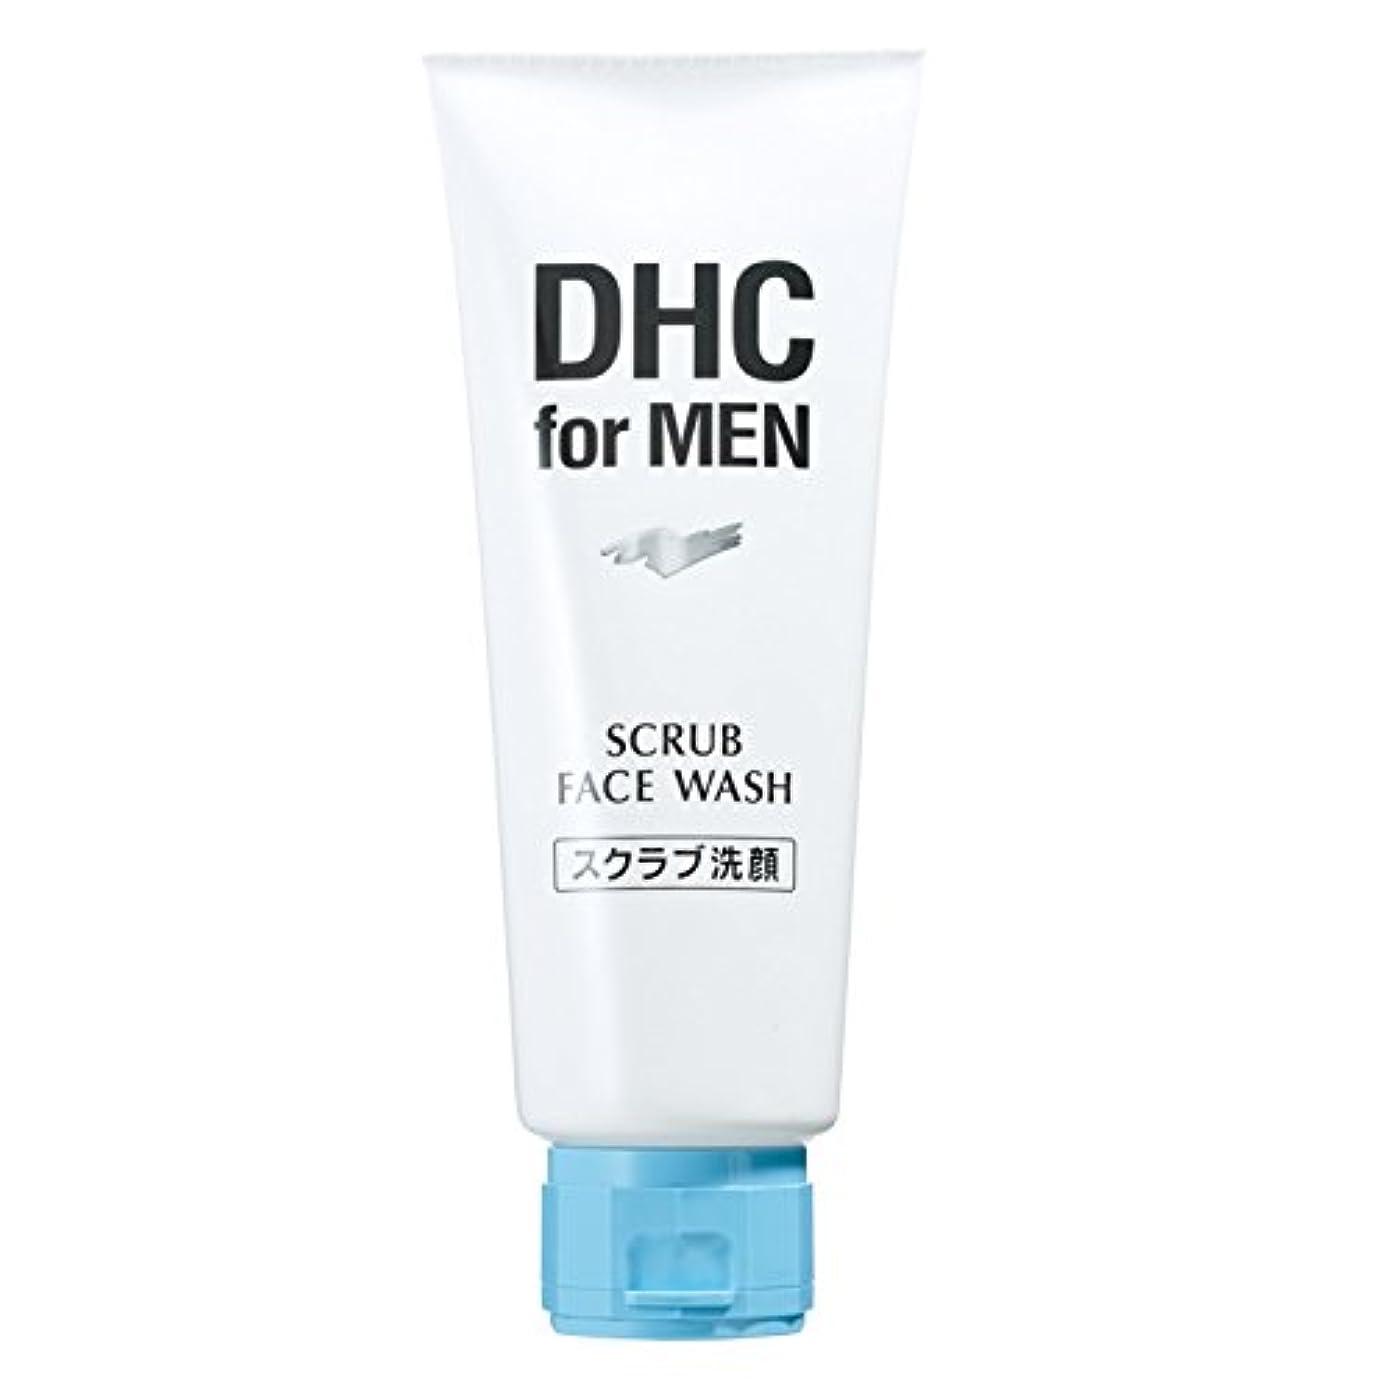 再編成するサンドイッチローブDHC スクラブ フェース ウォッシュ 【DHC for MEN】